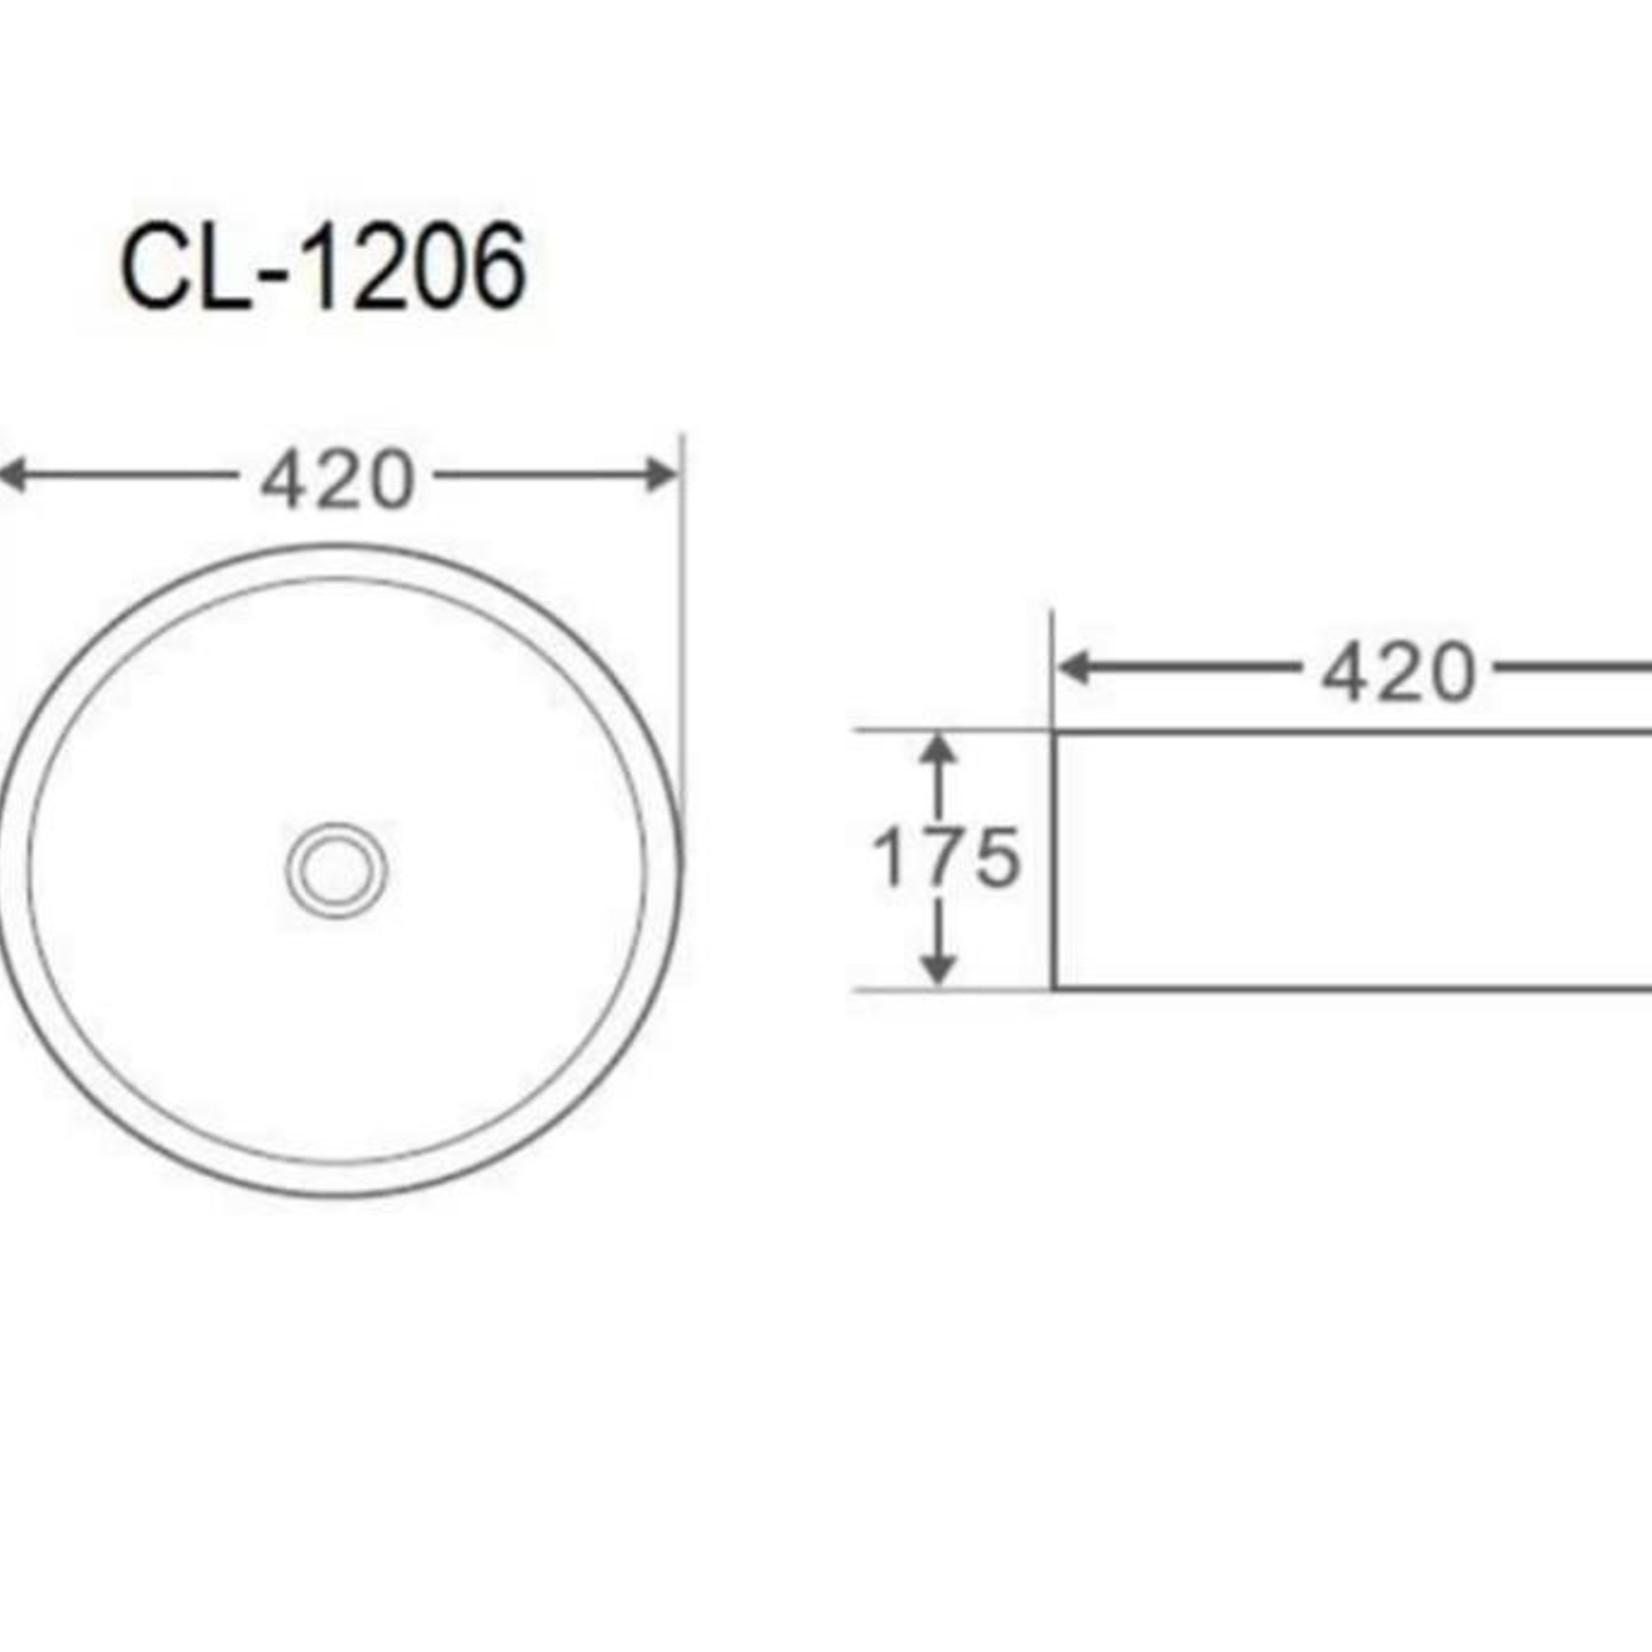 Porcelain sink MI-1206